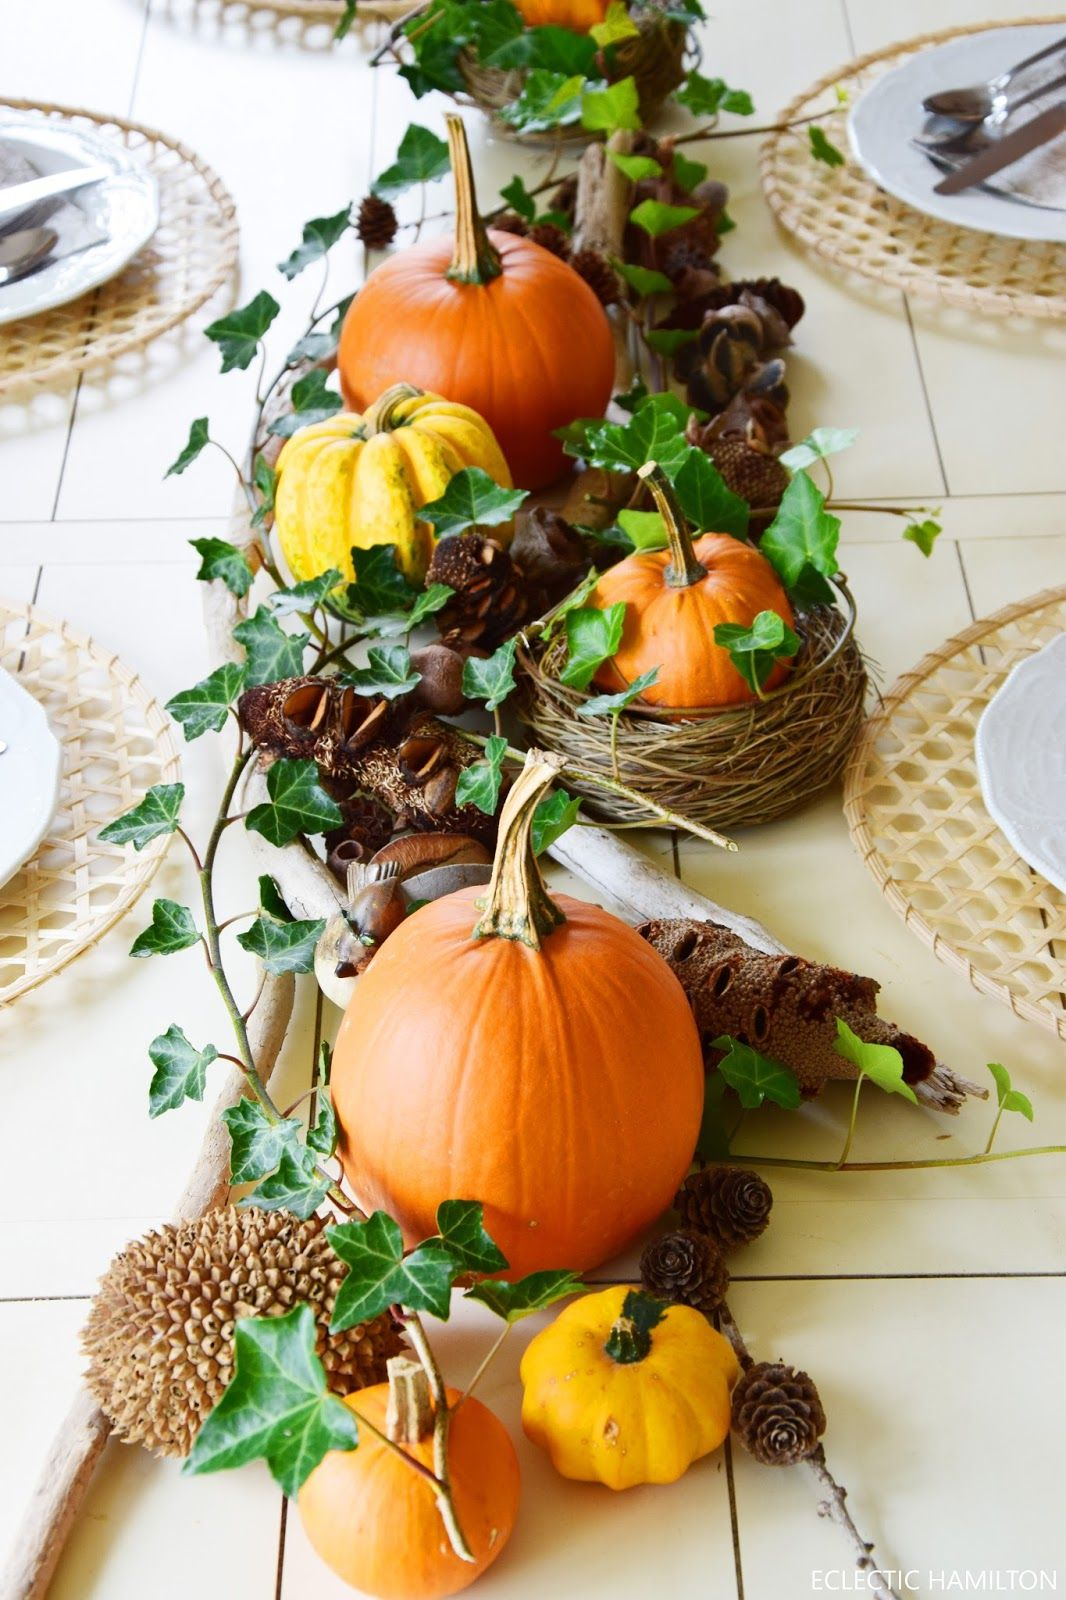 Tischdeko für den Herbst mit Kürbissen: herbstlich natürlich und schön! Efeu, Kürbisund Naturmaterialien #herbstlichetischdeko